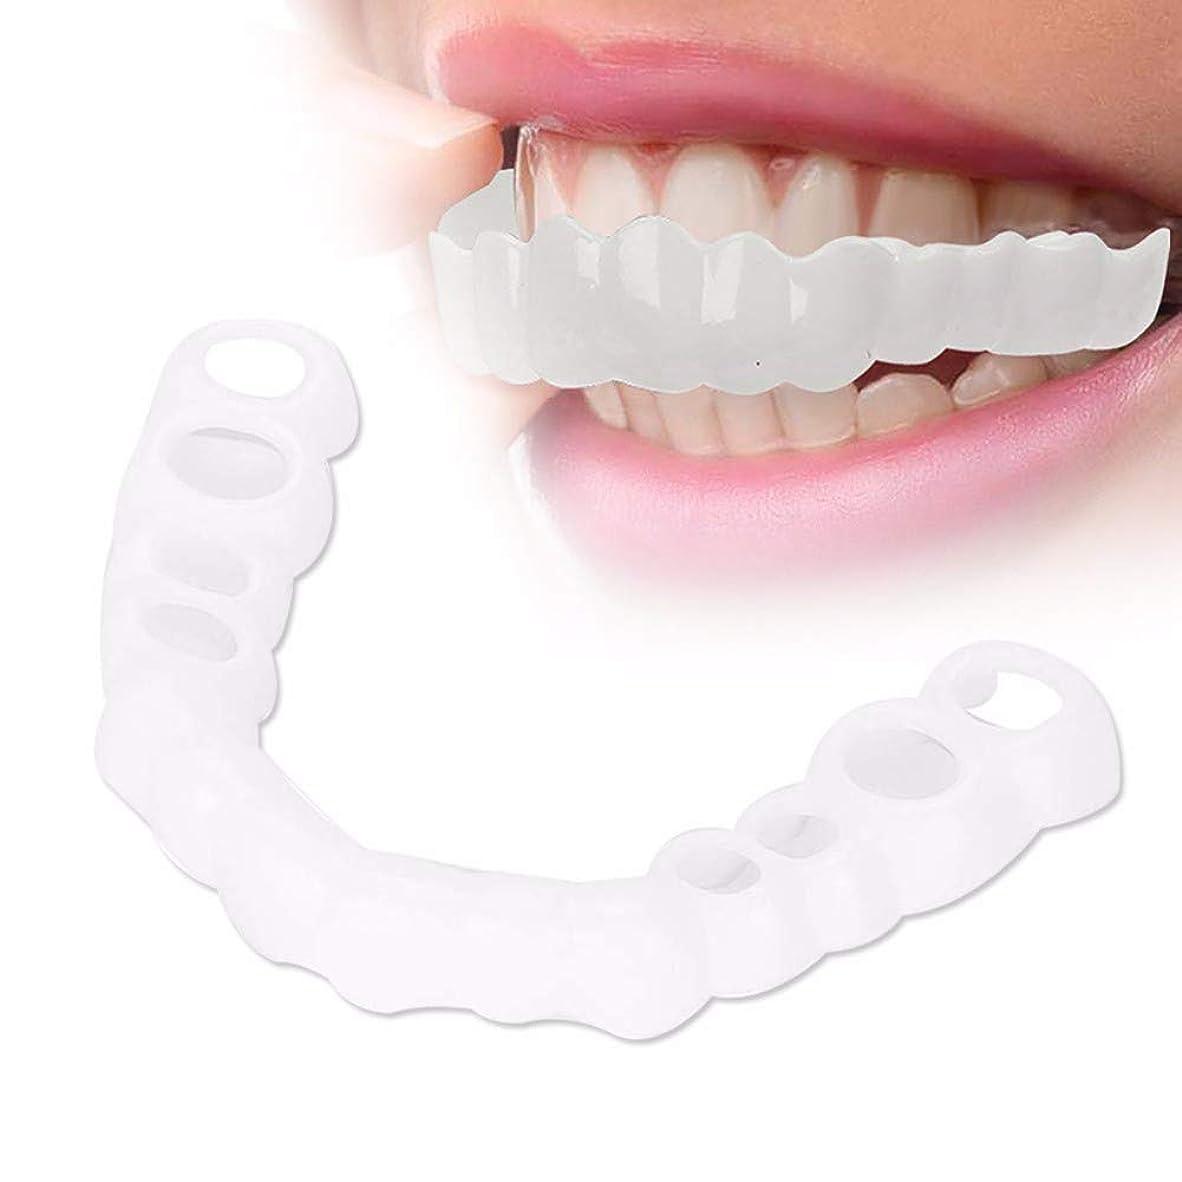 糞結論換気する一時的な笑顔の快適さフィット化粧品の歯義歯のベニヤの歯快適さのフィットフレックス化粧品の歯の歯のベニア(上の歯)